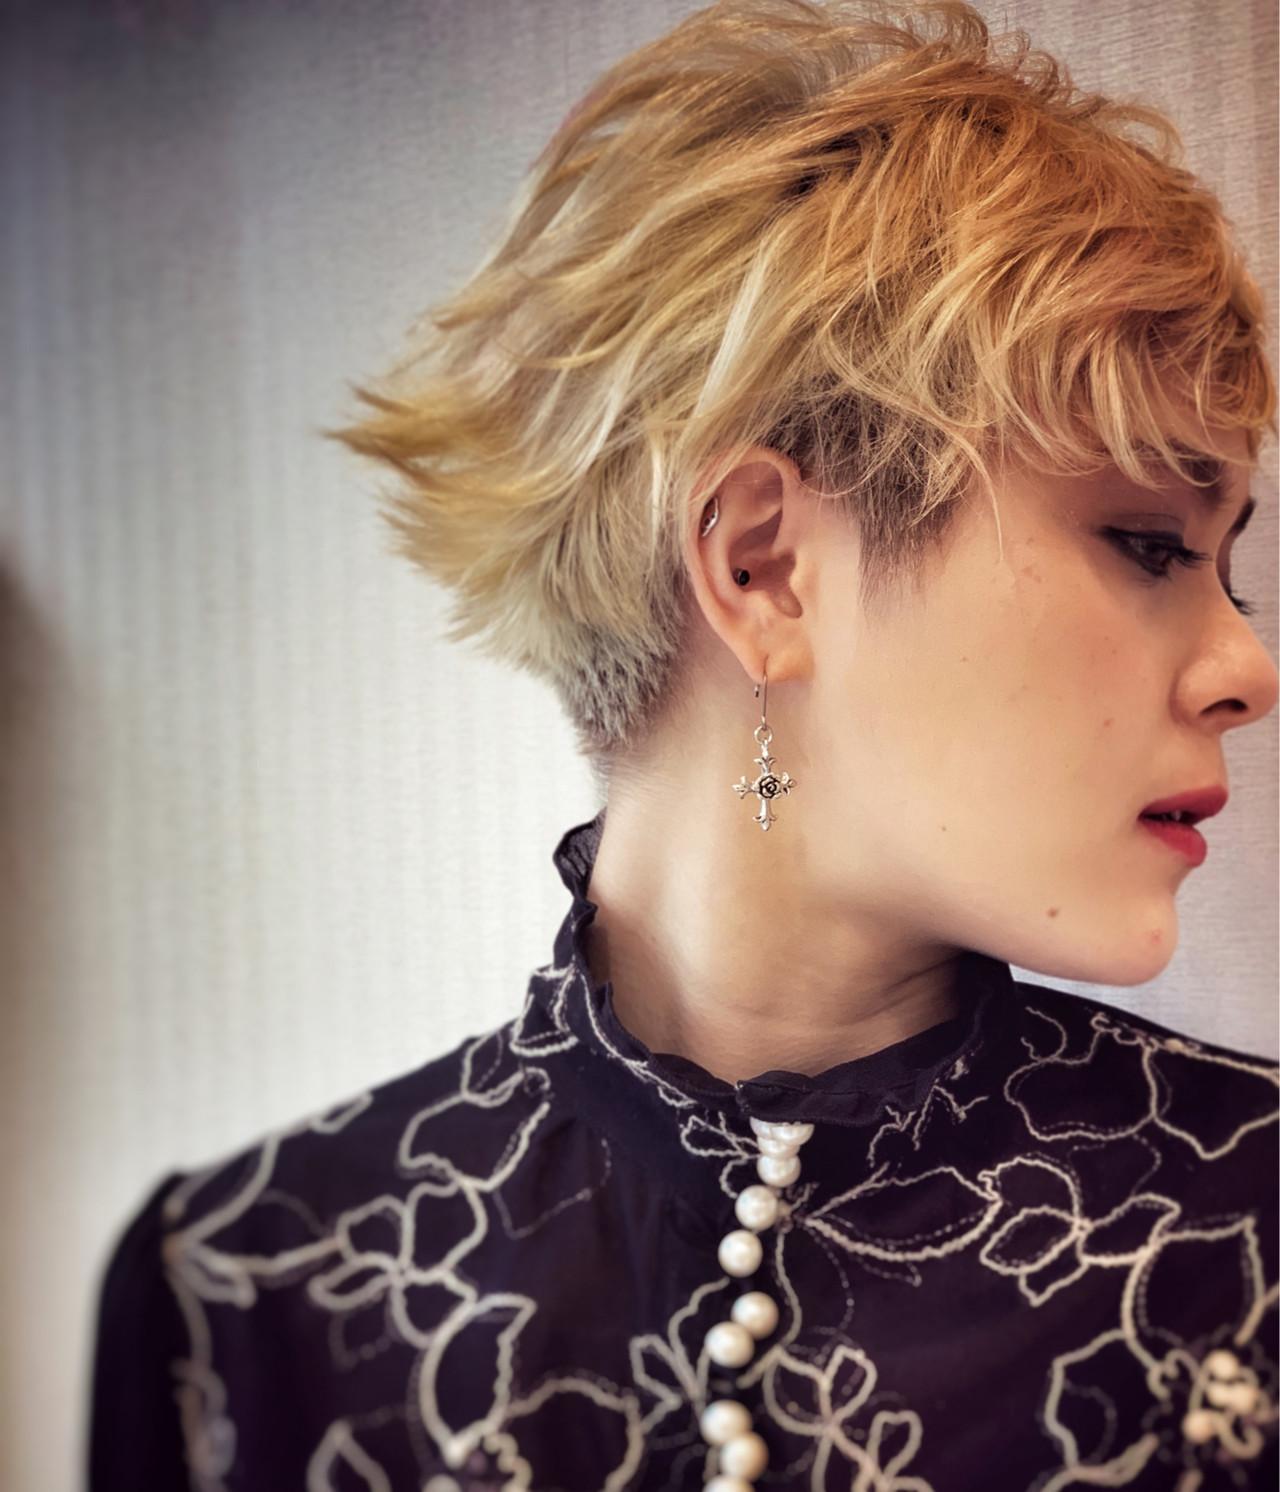 刈り上げショート おしゃれ モード 金髪 ヘアスタイルや髪型の写真・画像 | 鎌田優子 / air-AZABU